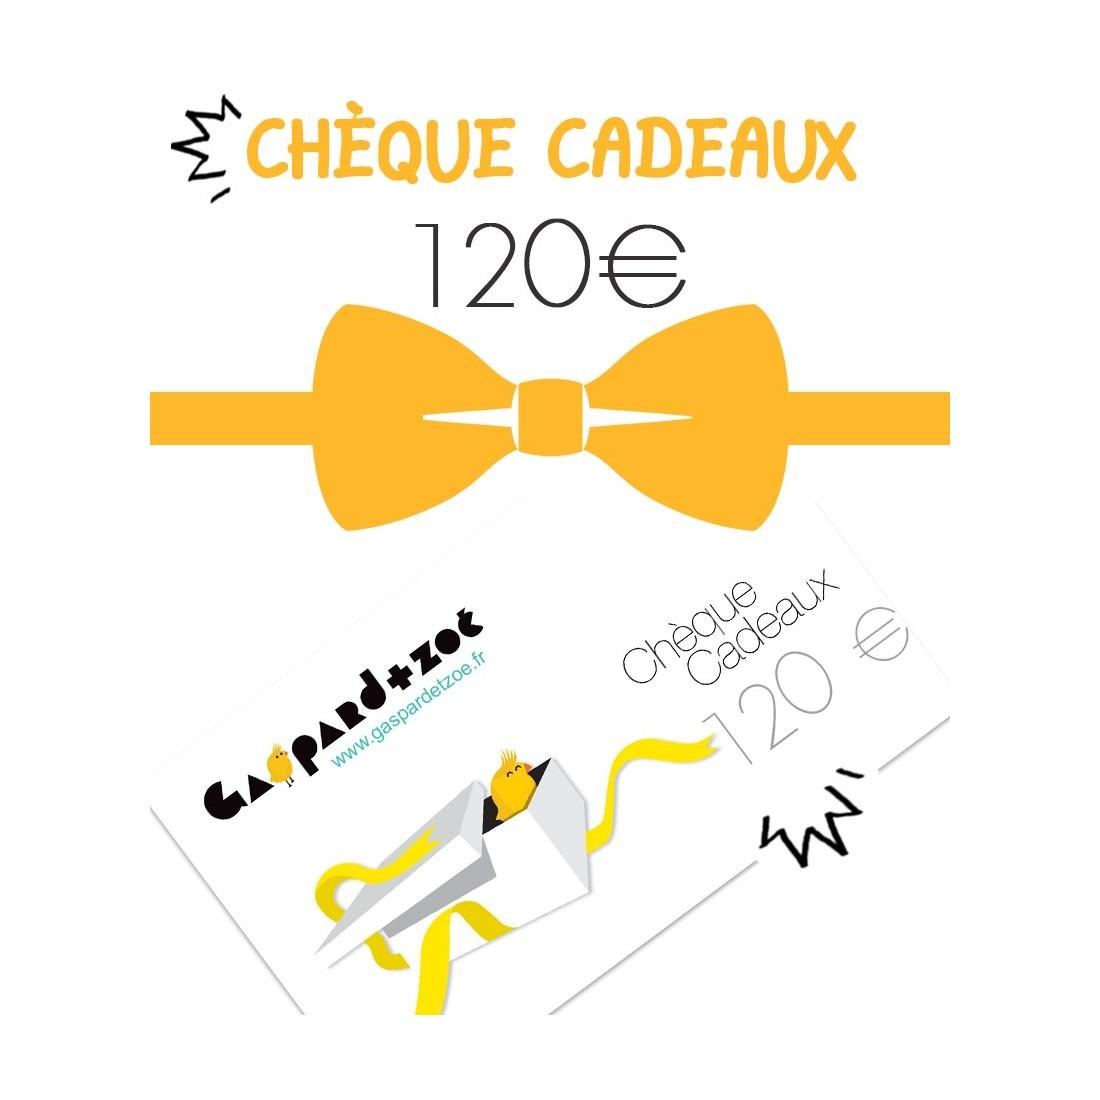 Chèque cadeau naissance 120€